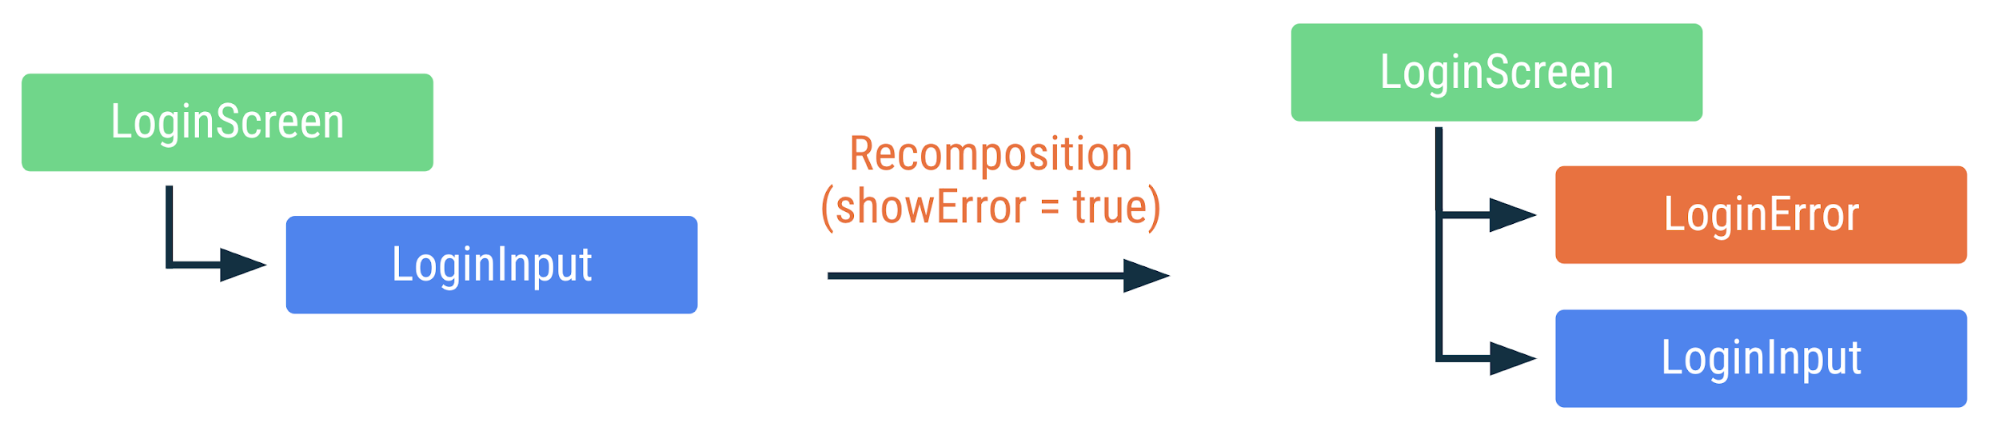 """Diagrama en el que se muestra cómo se recompone el código anterior si se cambia la marca showError a """"true"""". Se agrega el elemento componible LoginError, pero los demás elementos no se vuelven a componer."""